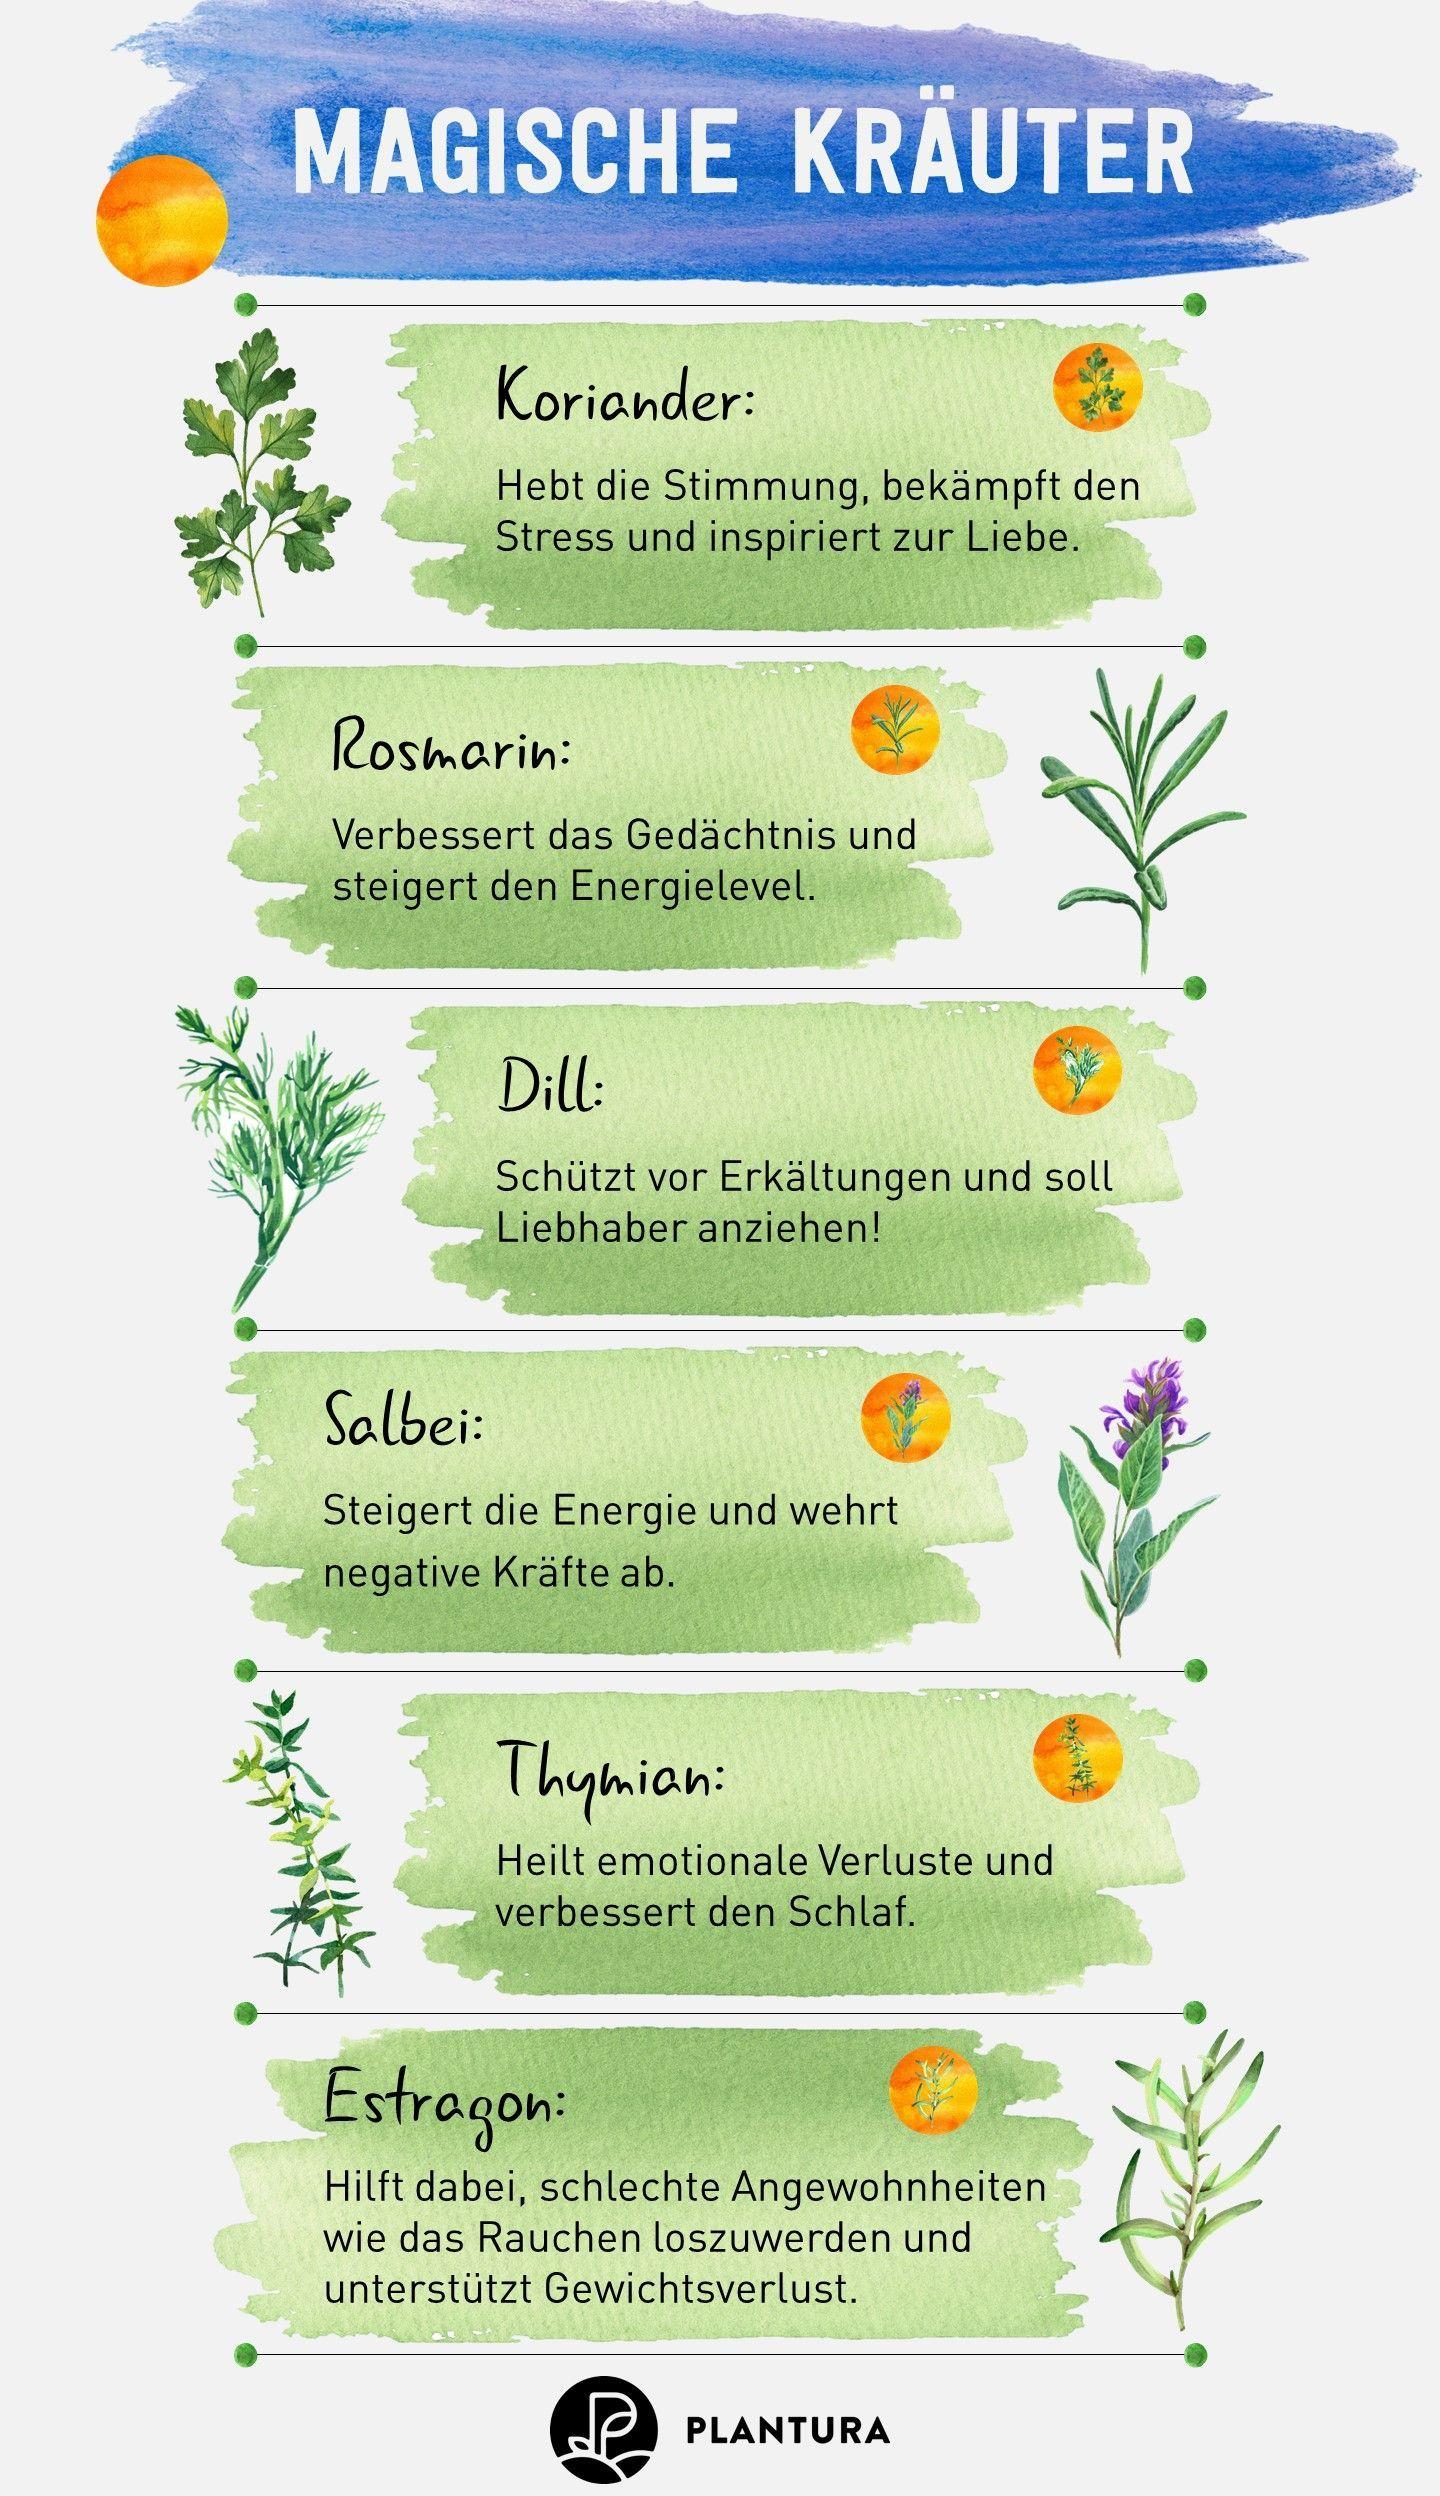 Die 10 besten Heilpflanzen aus dem eigenen Garten